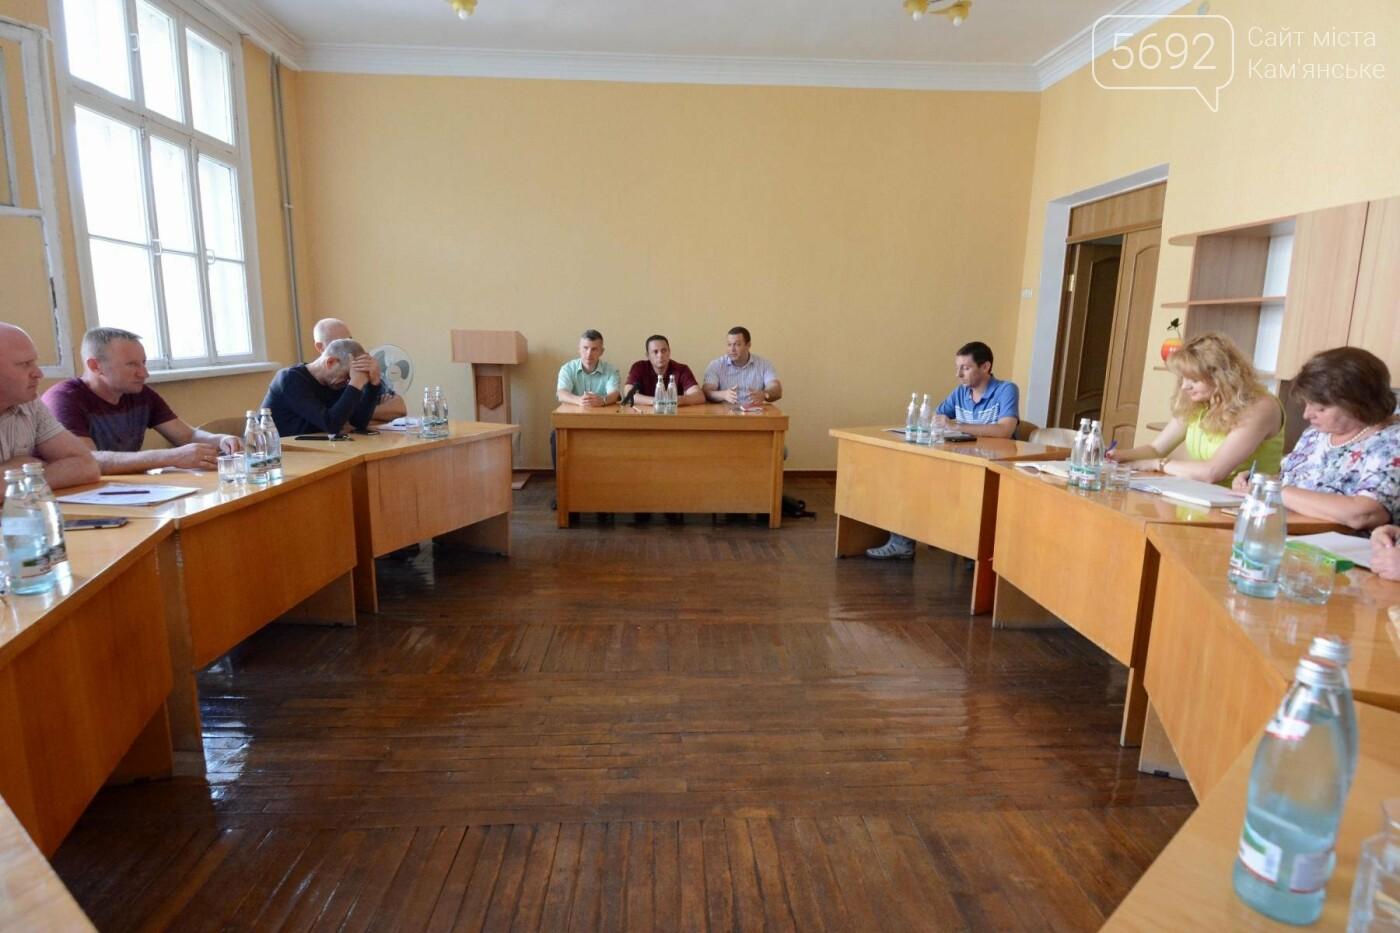 Правительство Германии выделит около двух миллионов евро на ремонт школы, садика и двух терцентров в Каменском, фото-2